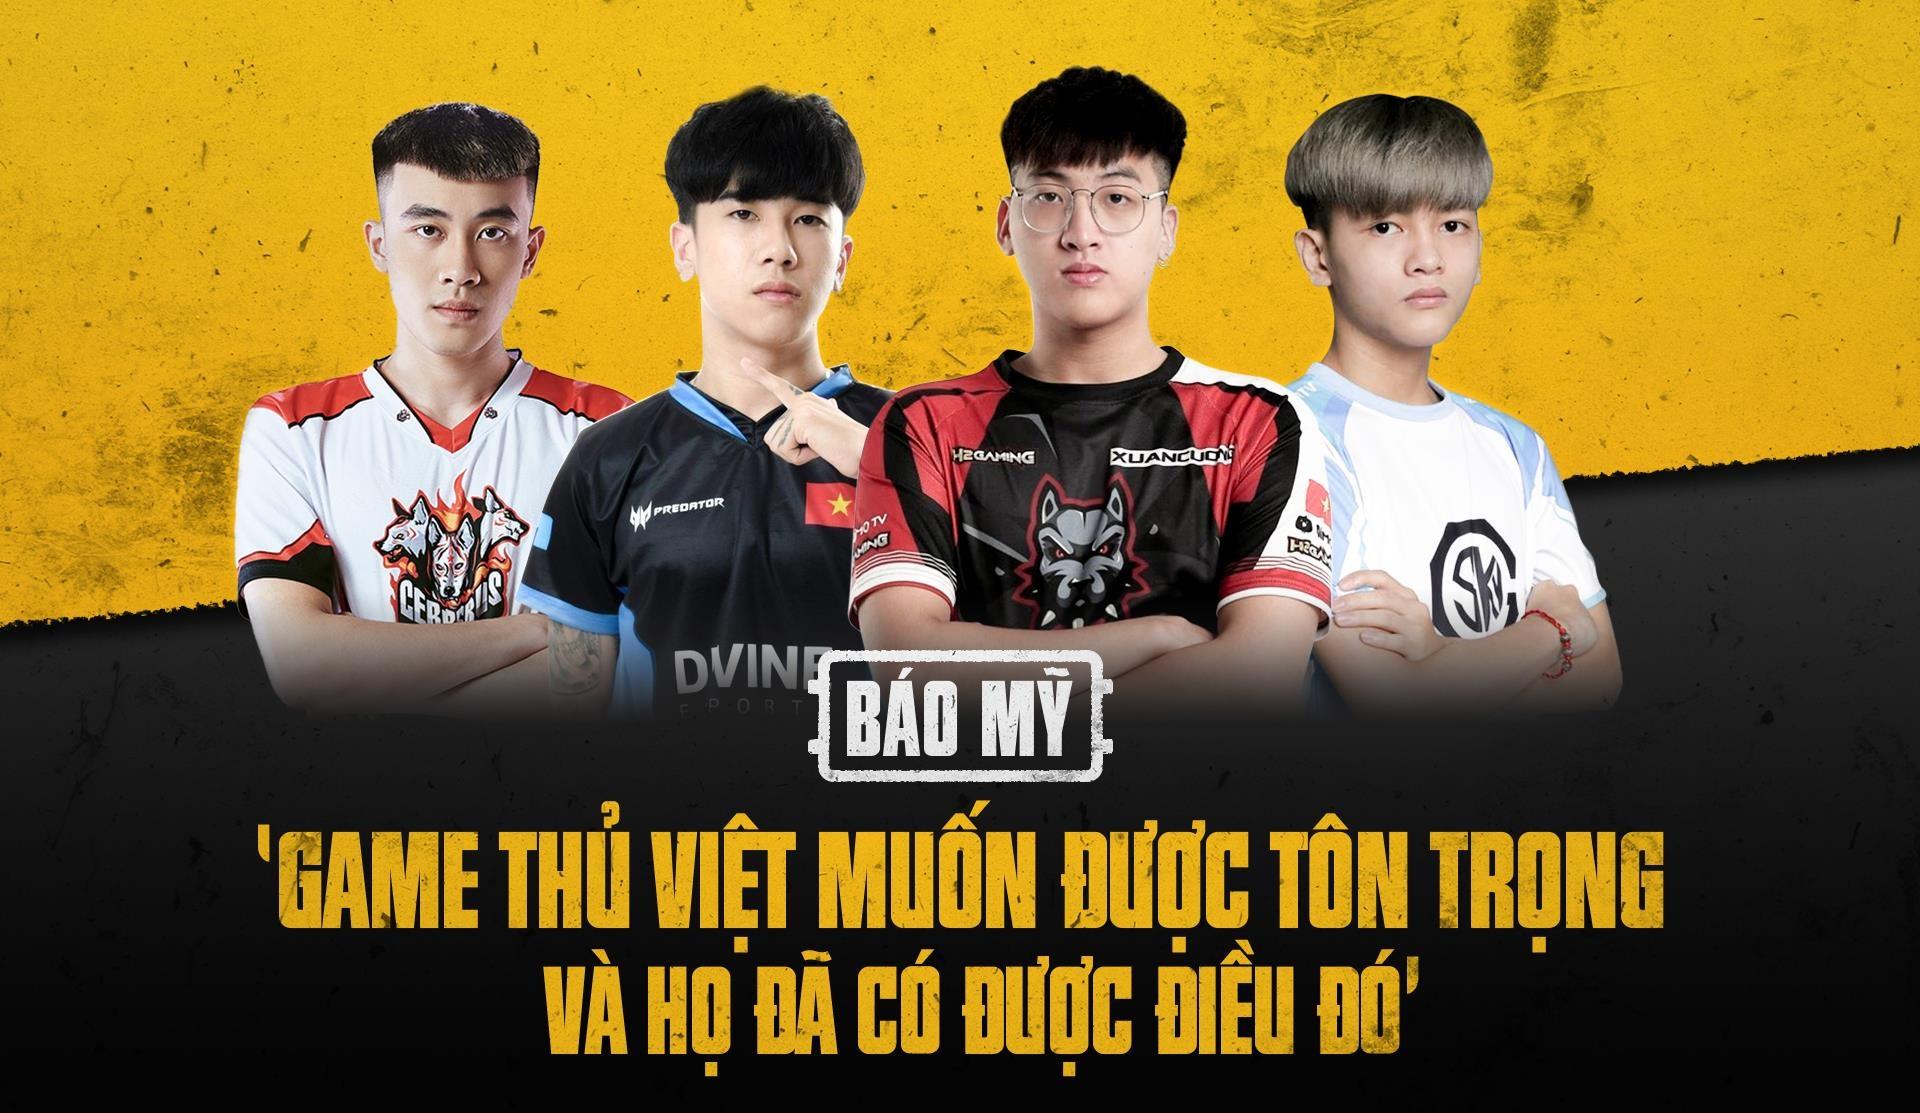 Bao My: Rot visa khong ngan duoc VN chinh phuc eSports the gioi hinh anh 2